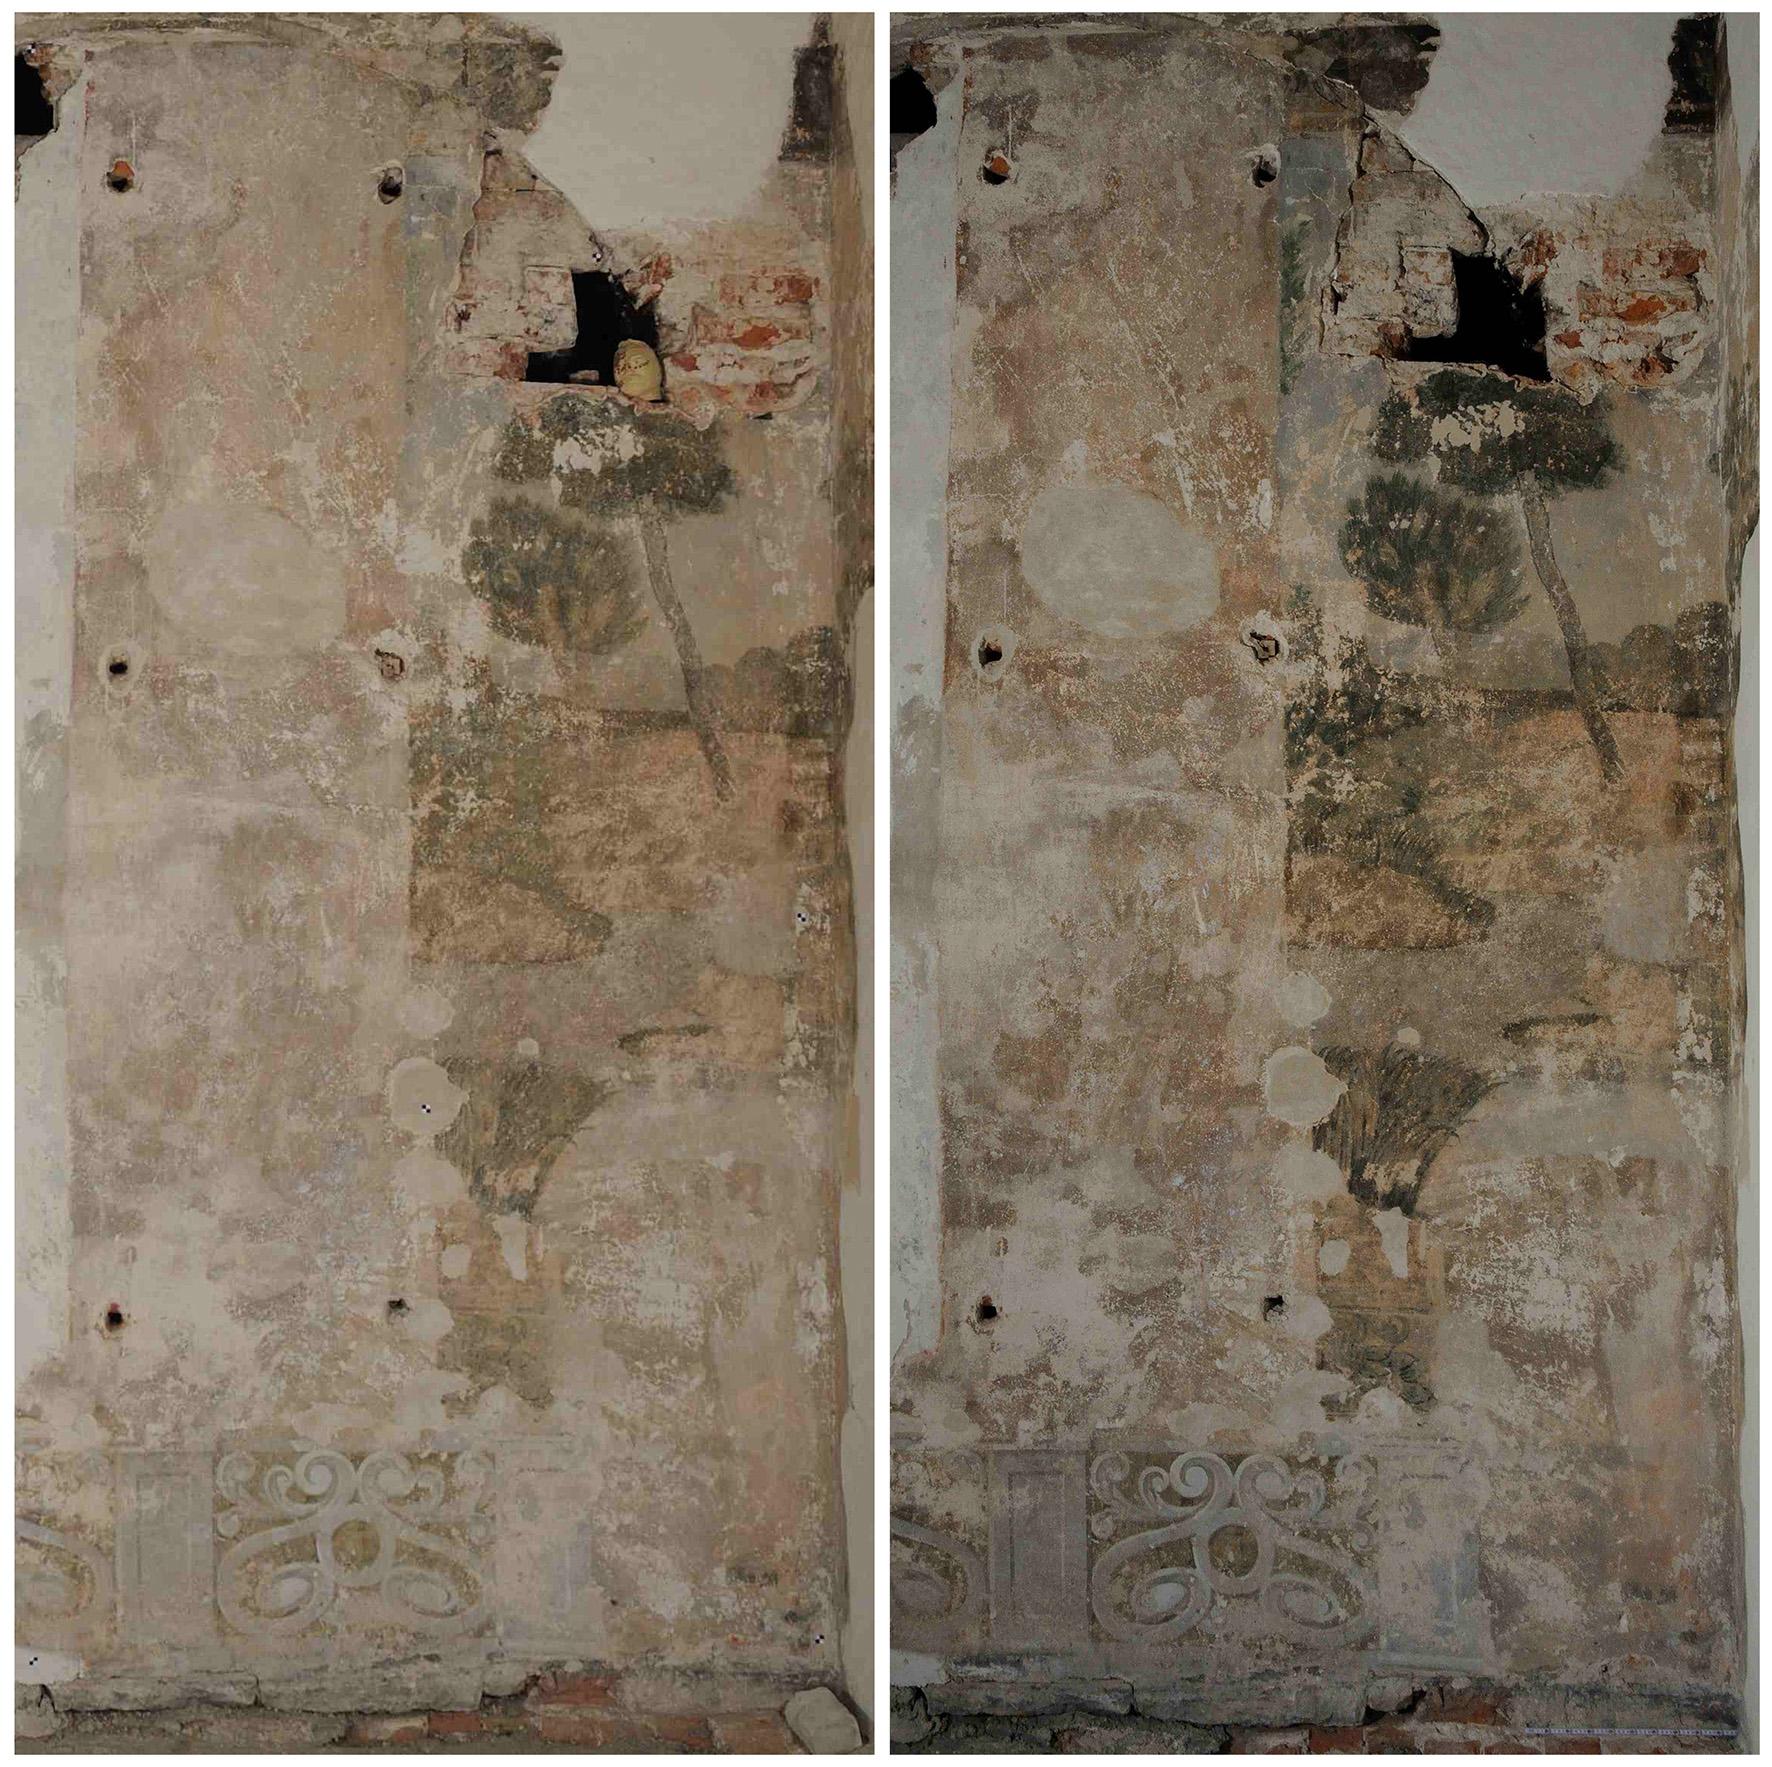 Foto Christine Pieper südliches Frauengemach, Sicherung der Wandmalerei um 1700, Vor- und Nachzustand